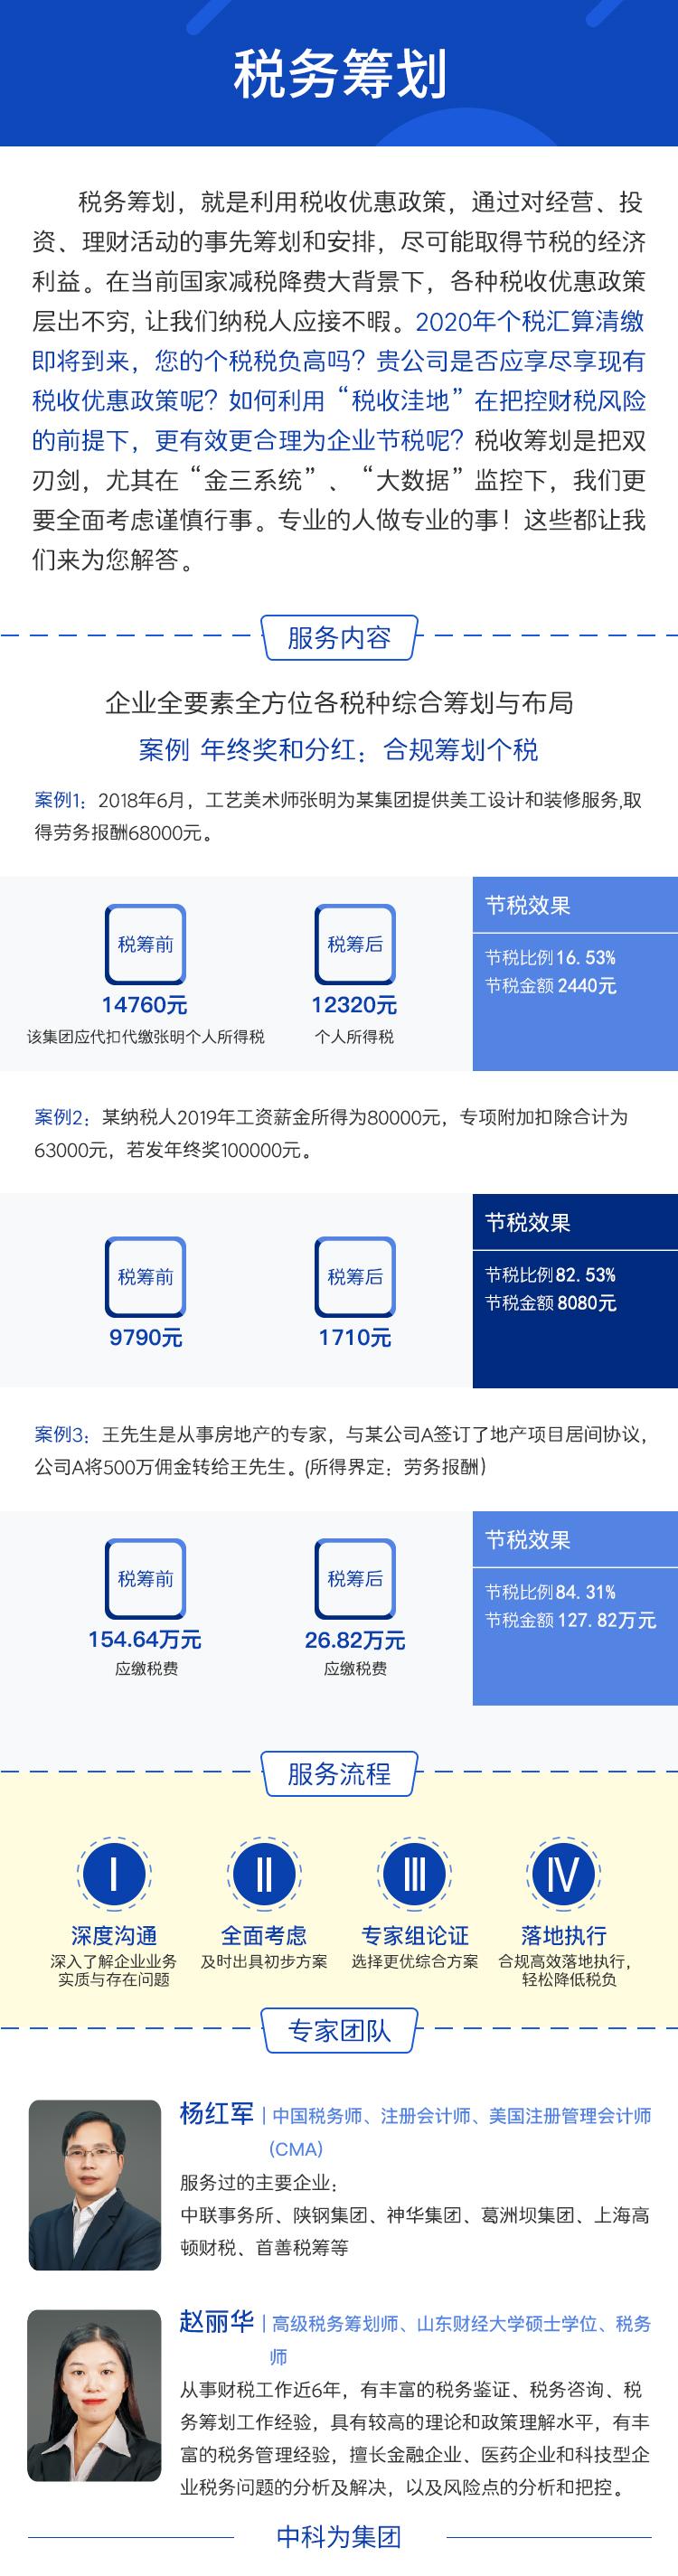 税务筹划分享(1).jpg